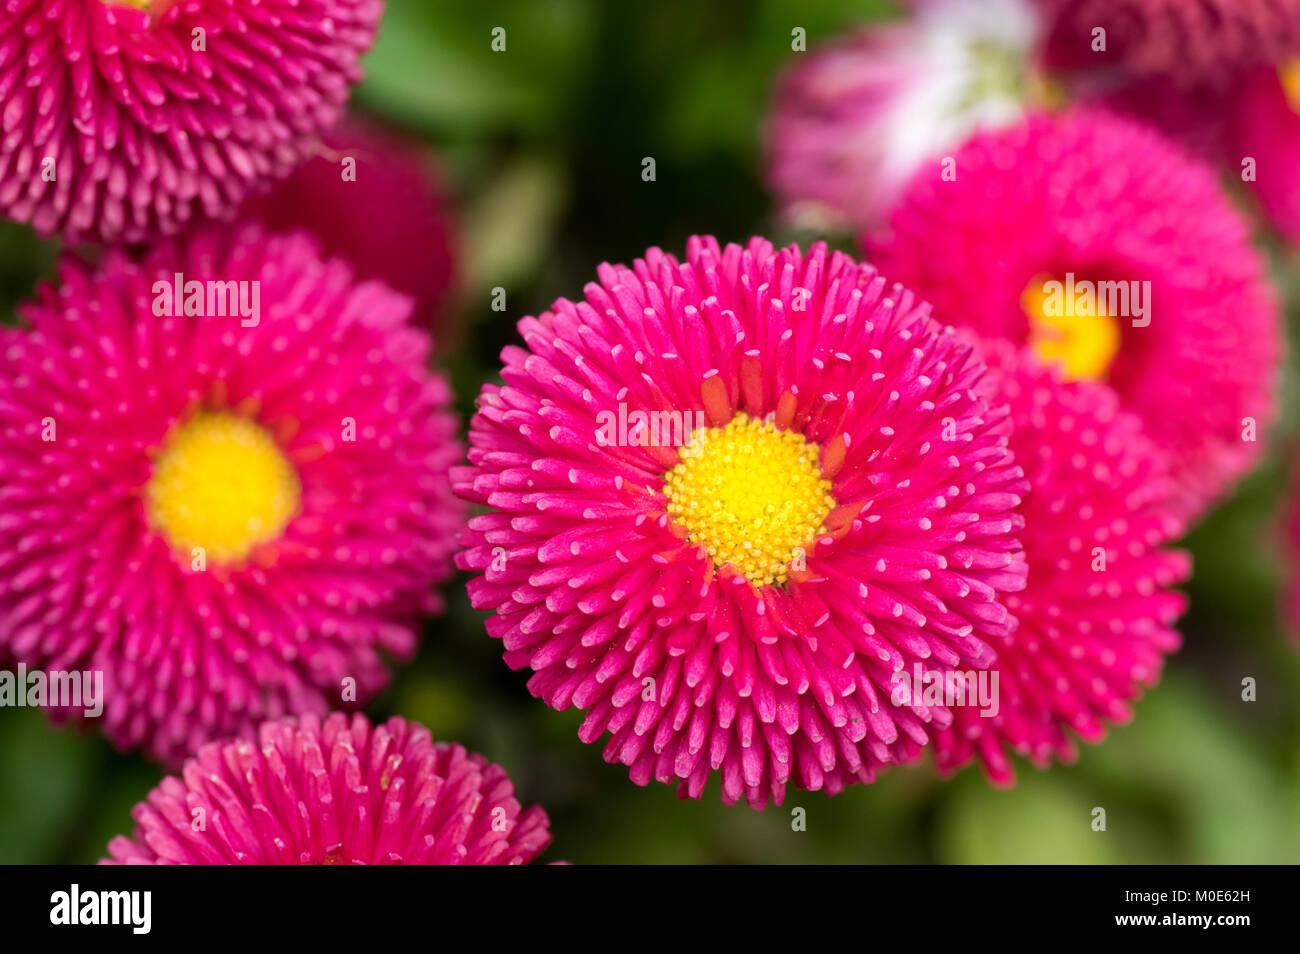 Pink English Daisy Red Pom Pom Flowers Stock Photo 172415785 Alamy